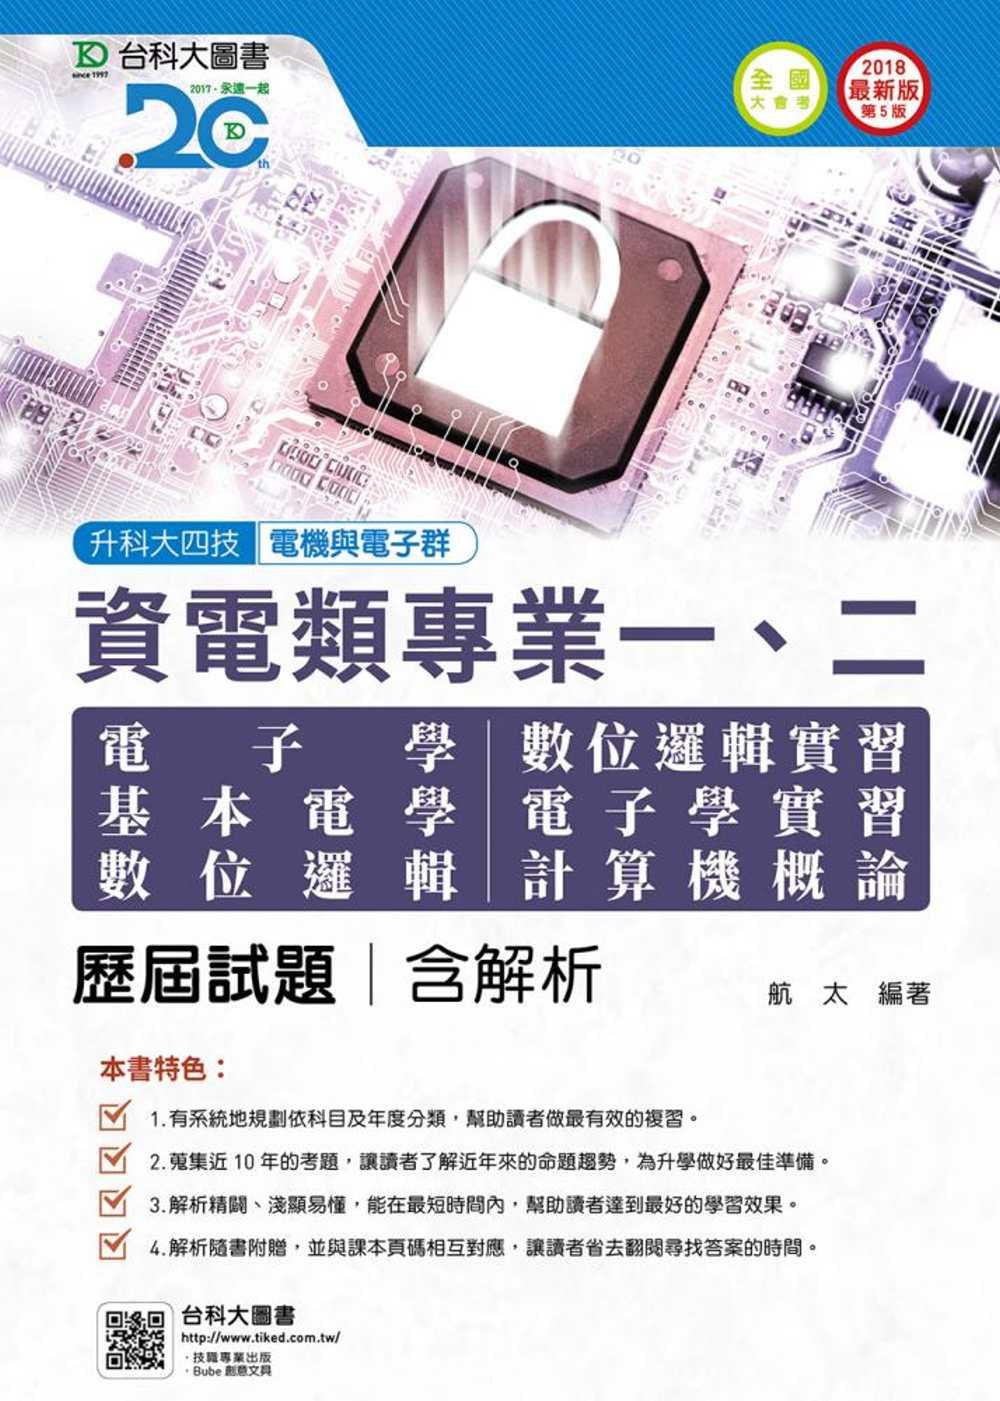 升科大四技資電類歷屆試題(專一電子學、基本電學、專二數位邏輯、數位邏輯實習、電子學實習、計算機概論)含解析2018年最新版(第五版)